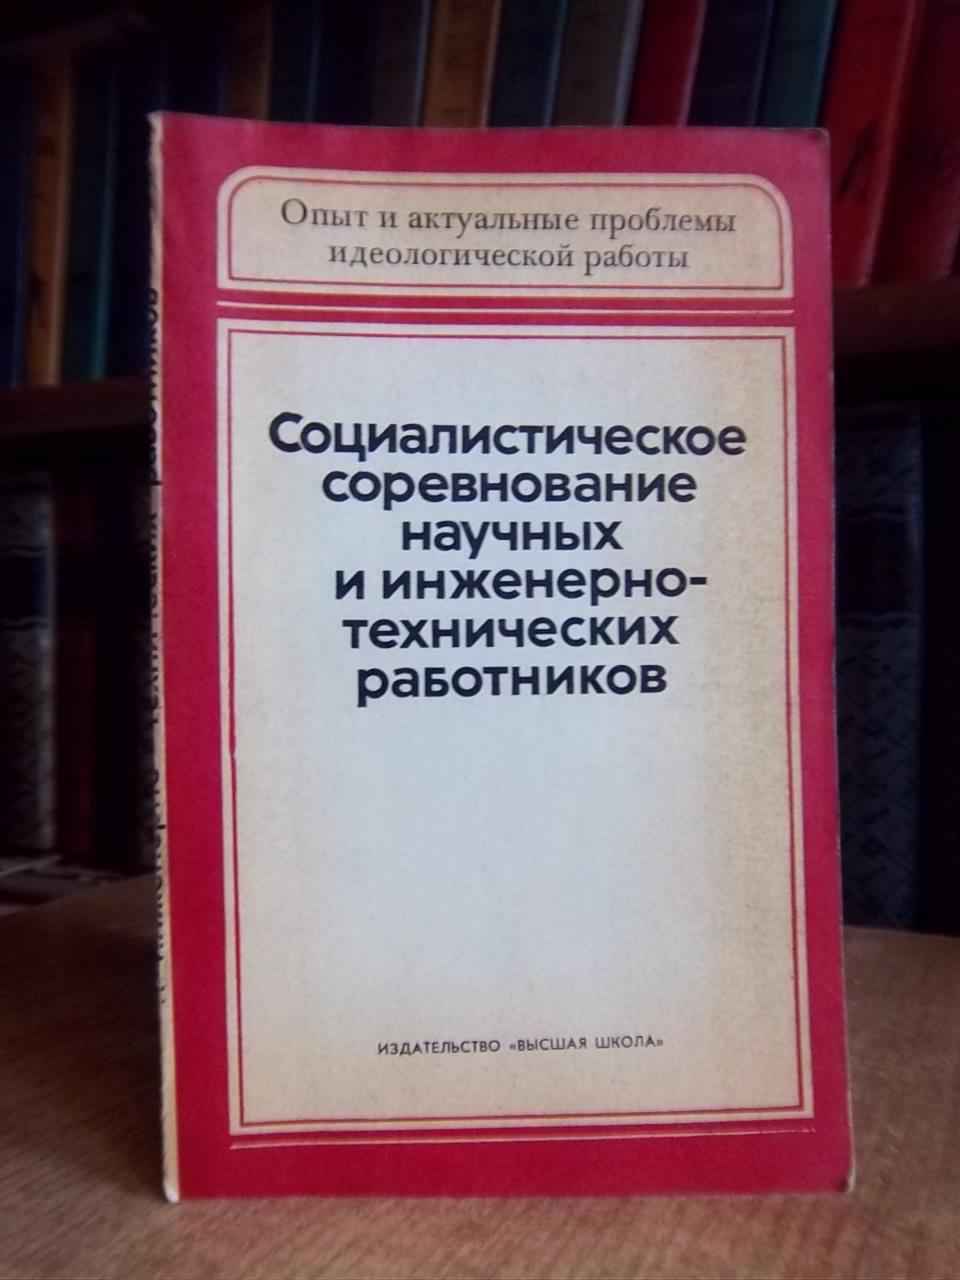 Социалистическое соревнование научных и инженерно-технических работников